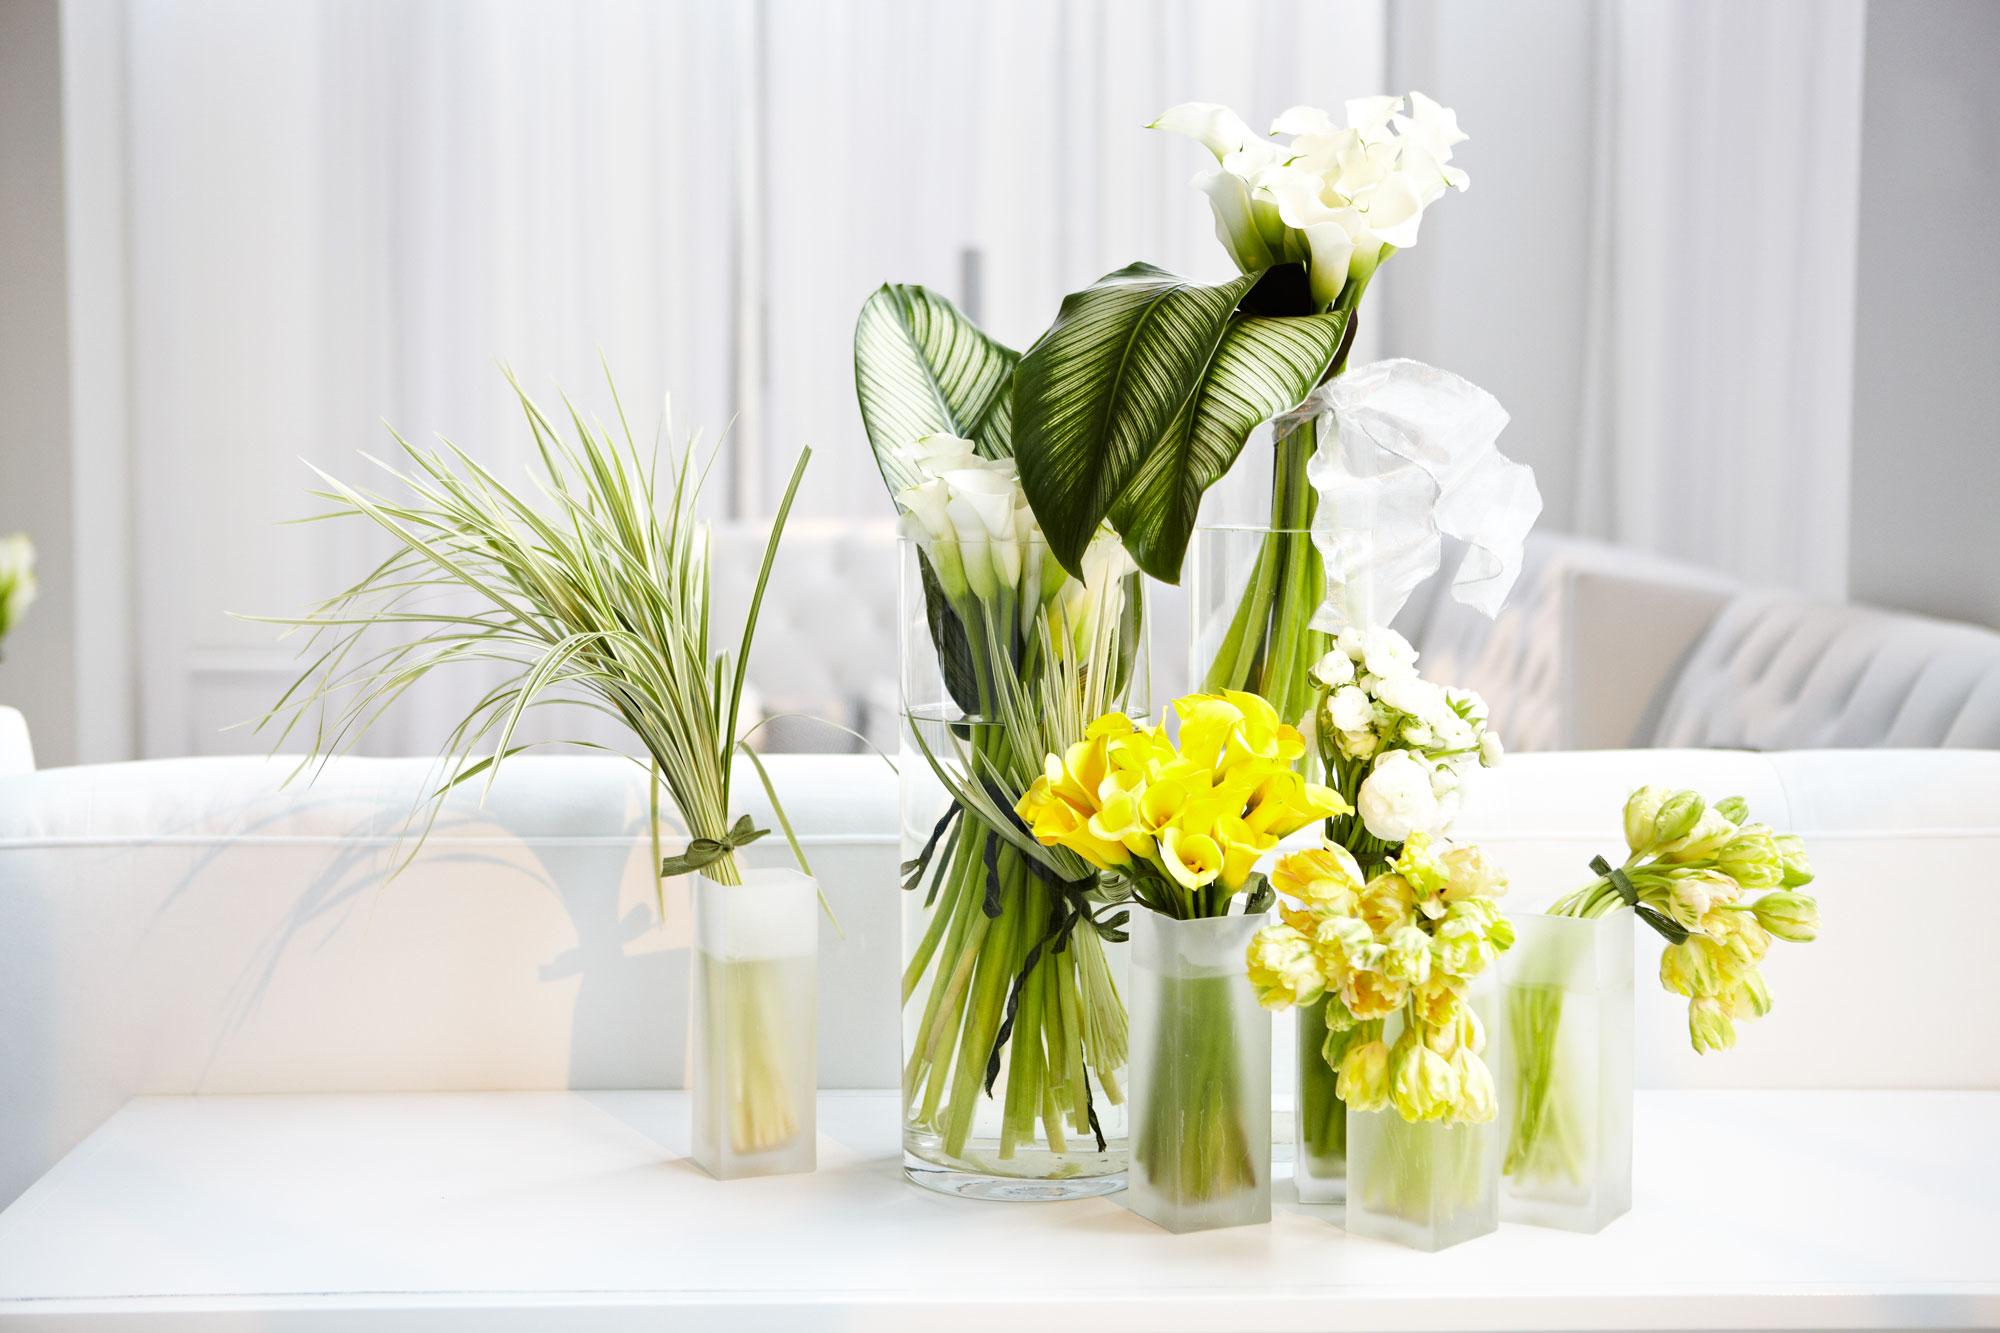 CLED Floral Design